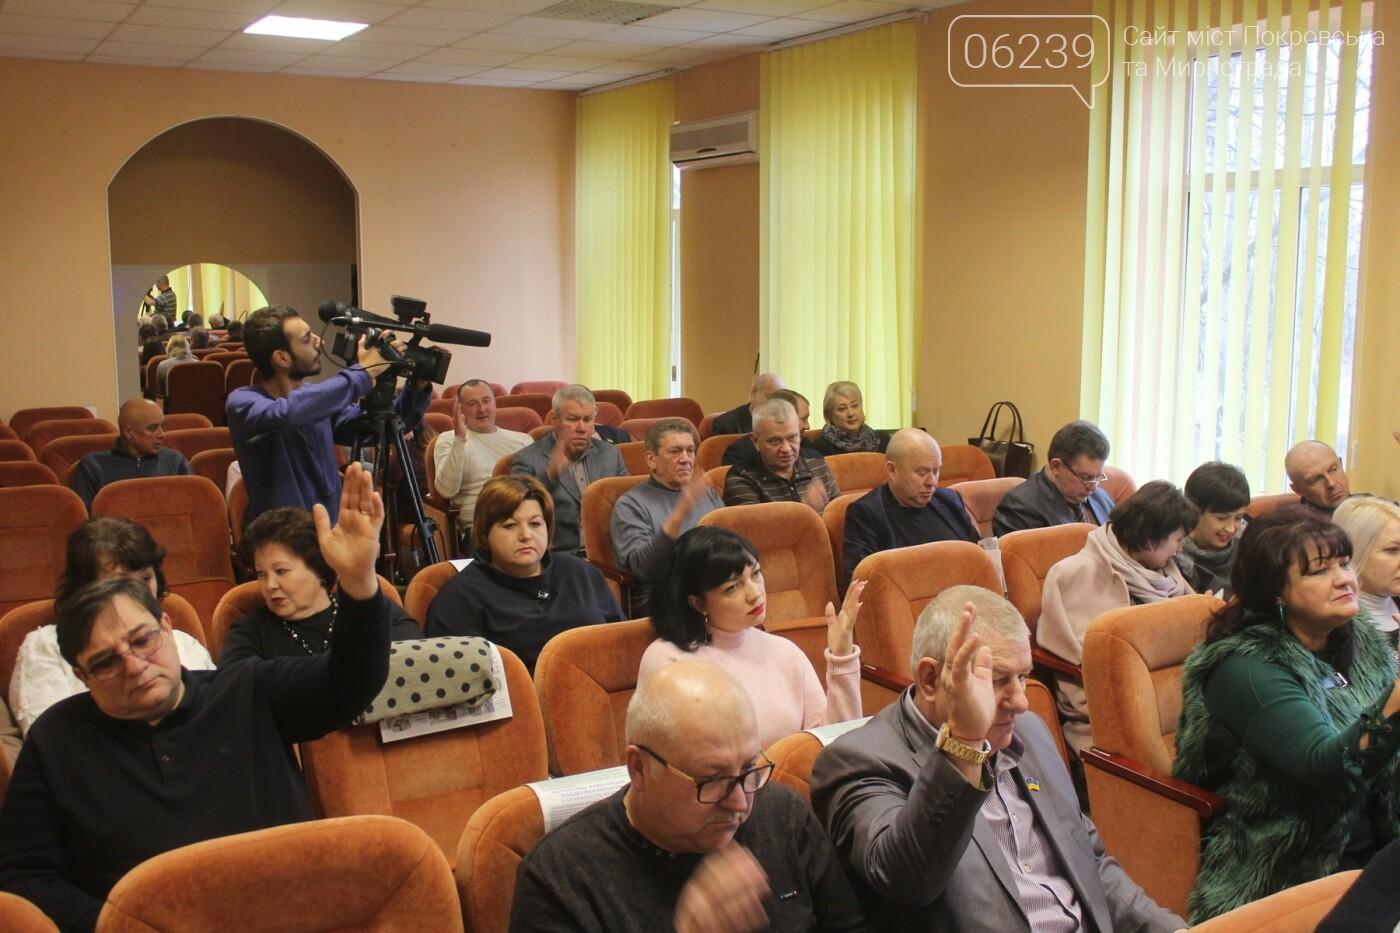 Бюджет на 2019-й год и реконструкция парка: в Мирнограде состоялась 54-я сессия городского совета, фото-8